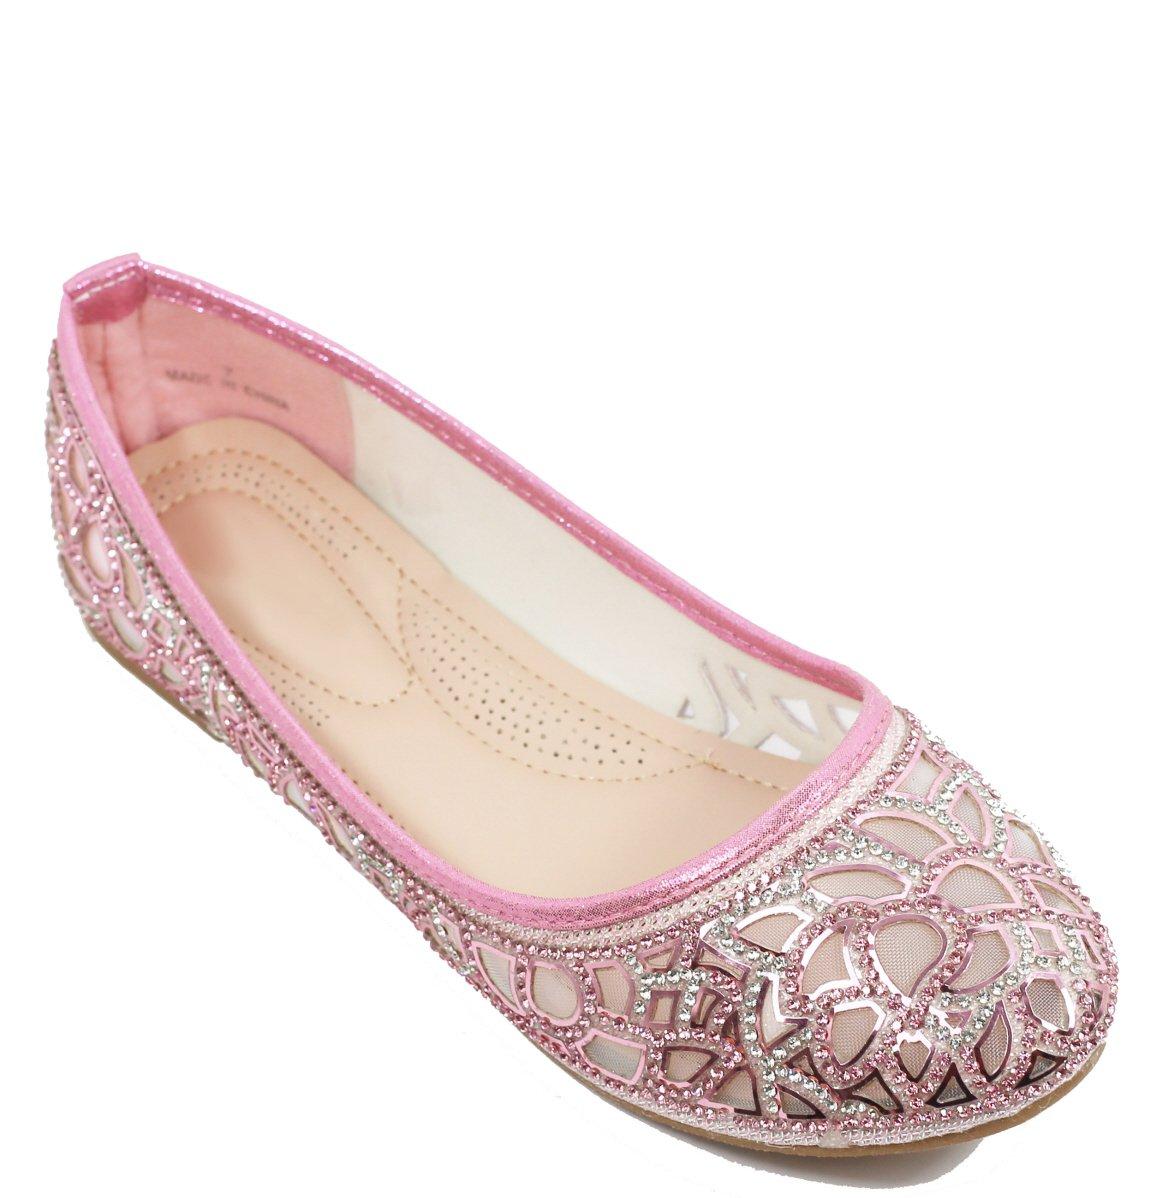 Walstar Women Rhinestone Flats Glitter Mesh Flats Slip on Shoes B071L184RF 8.5 B(M) US Mesh-pink